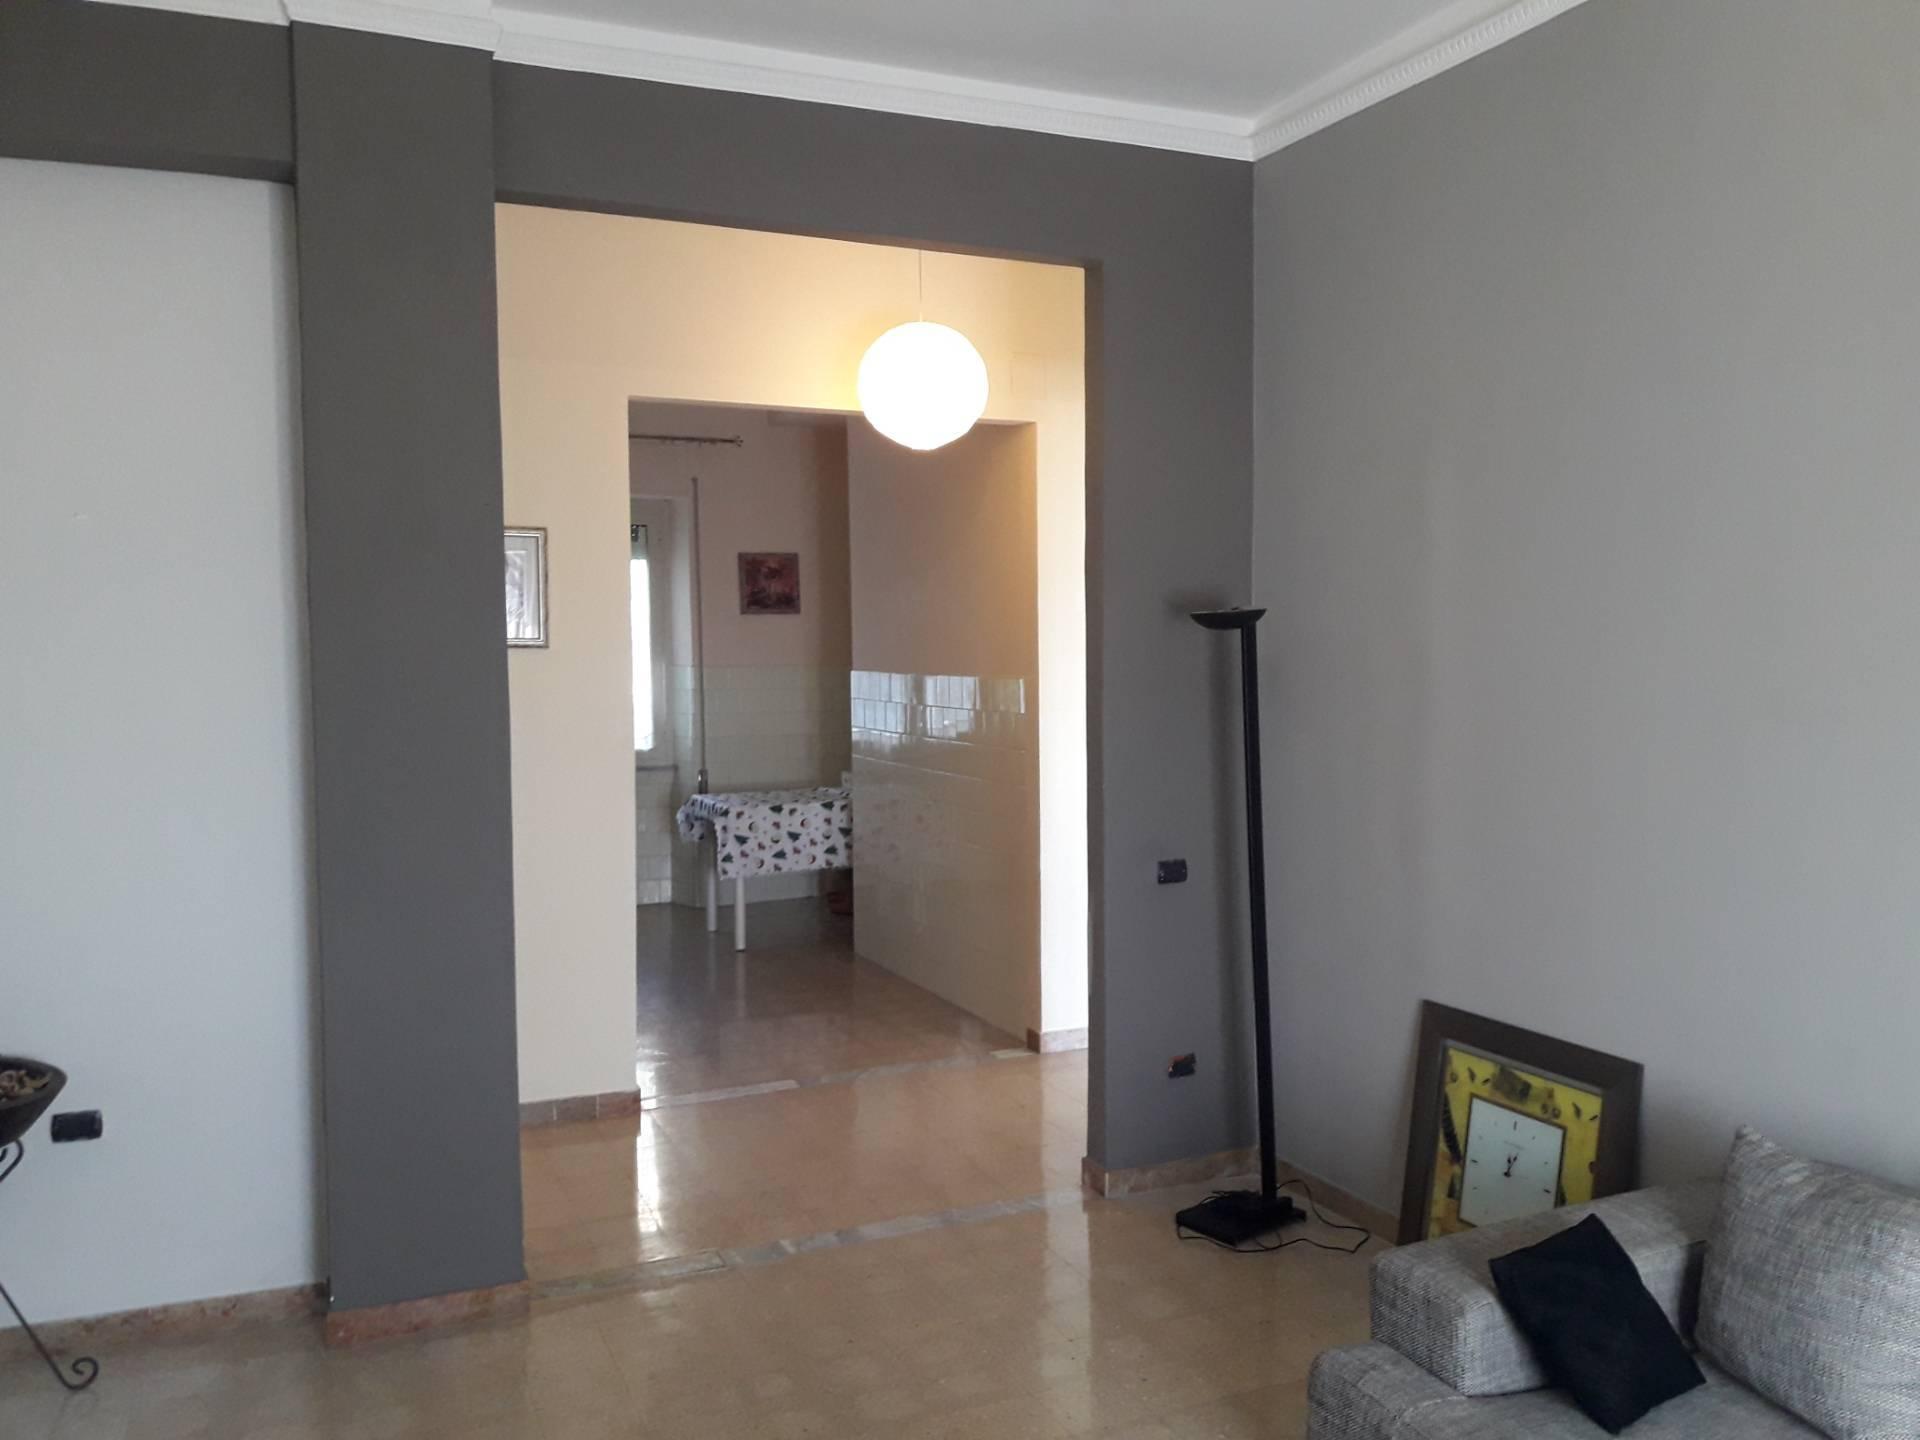 Appartamento in affitto a Frosinone, 7 locali, prezzo € 500 | CambioCasa.it